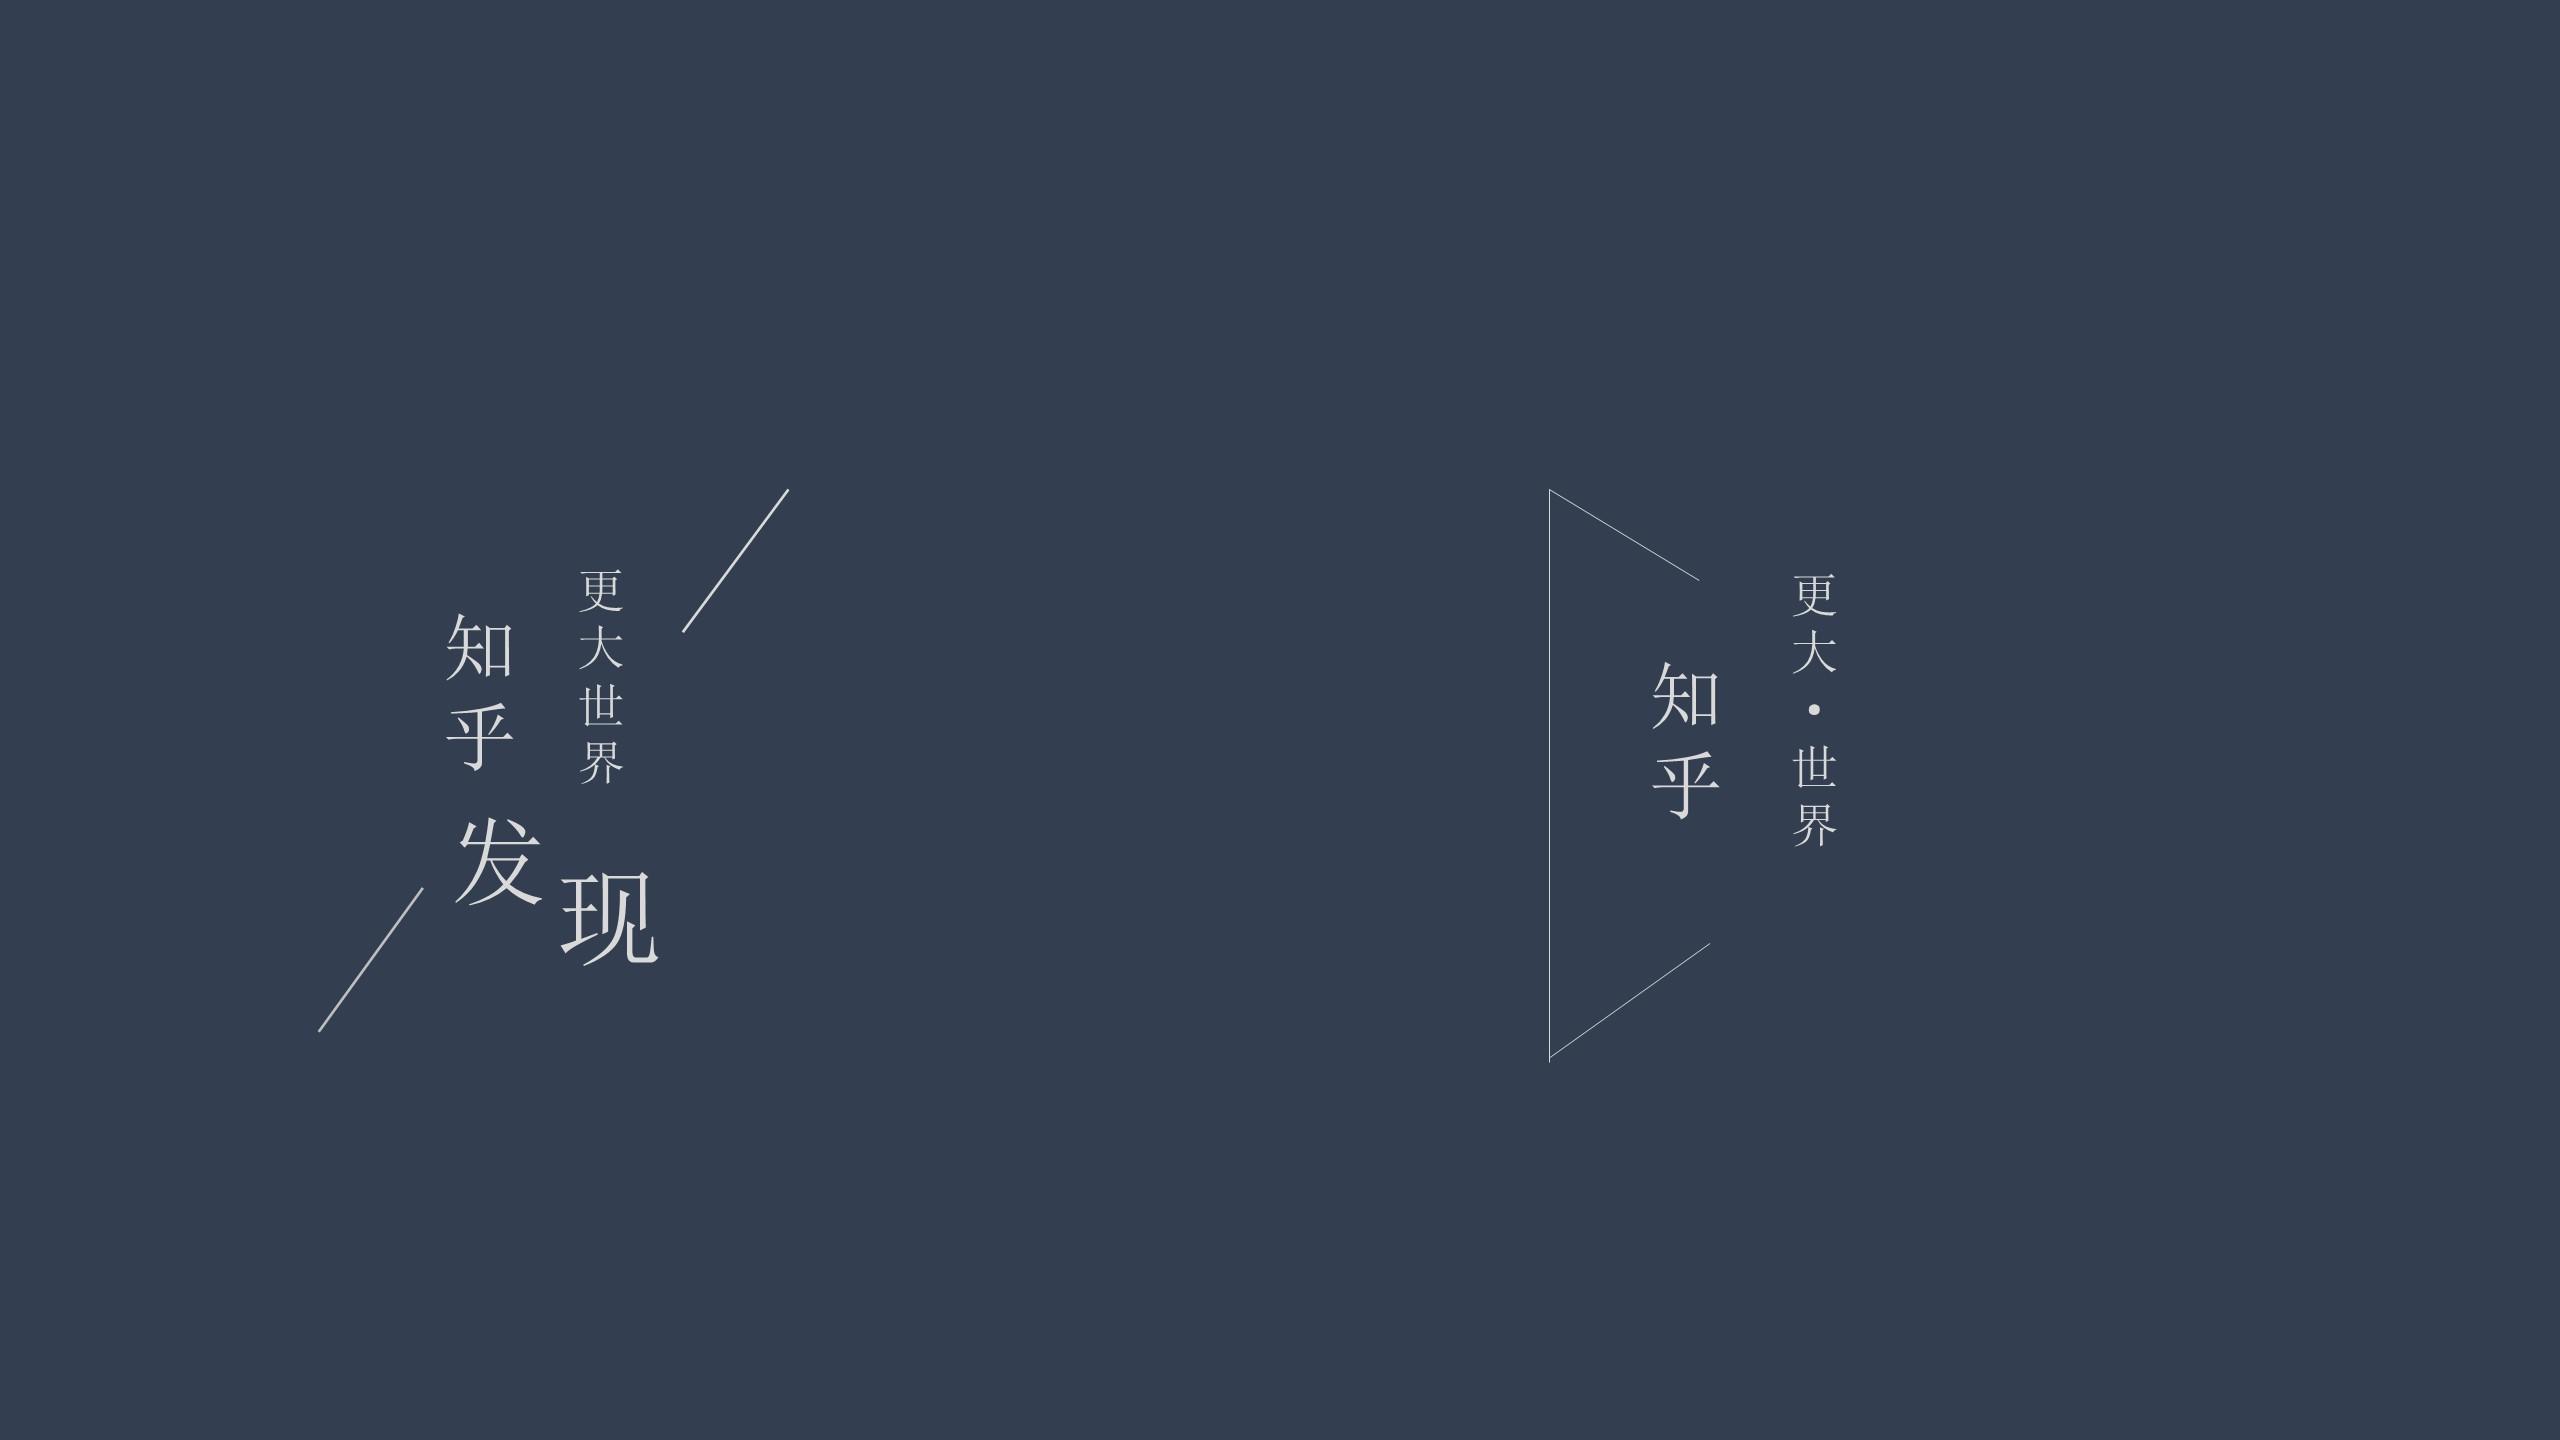 幻灯片中的线条 君陵的PPT小院杂谈3